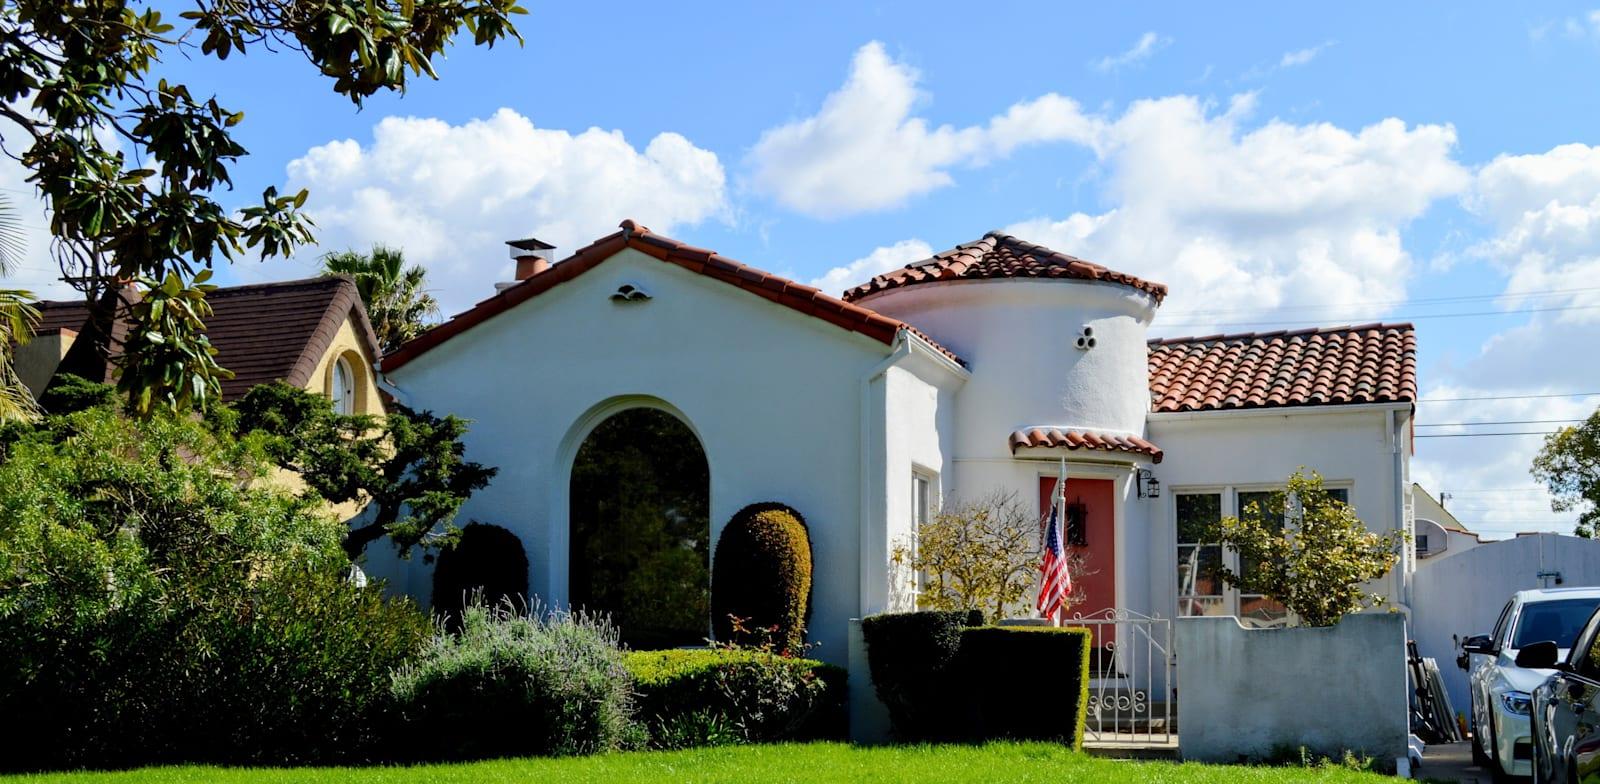 בית בלוס אנג'לס / צילום: Shutterstock